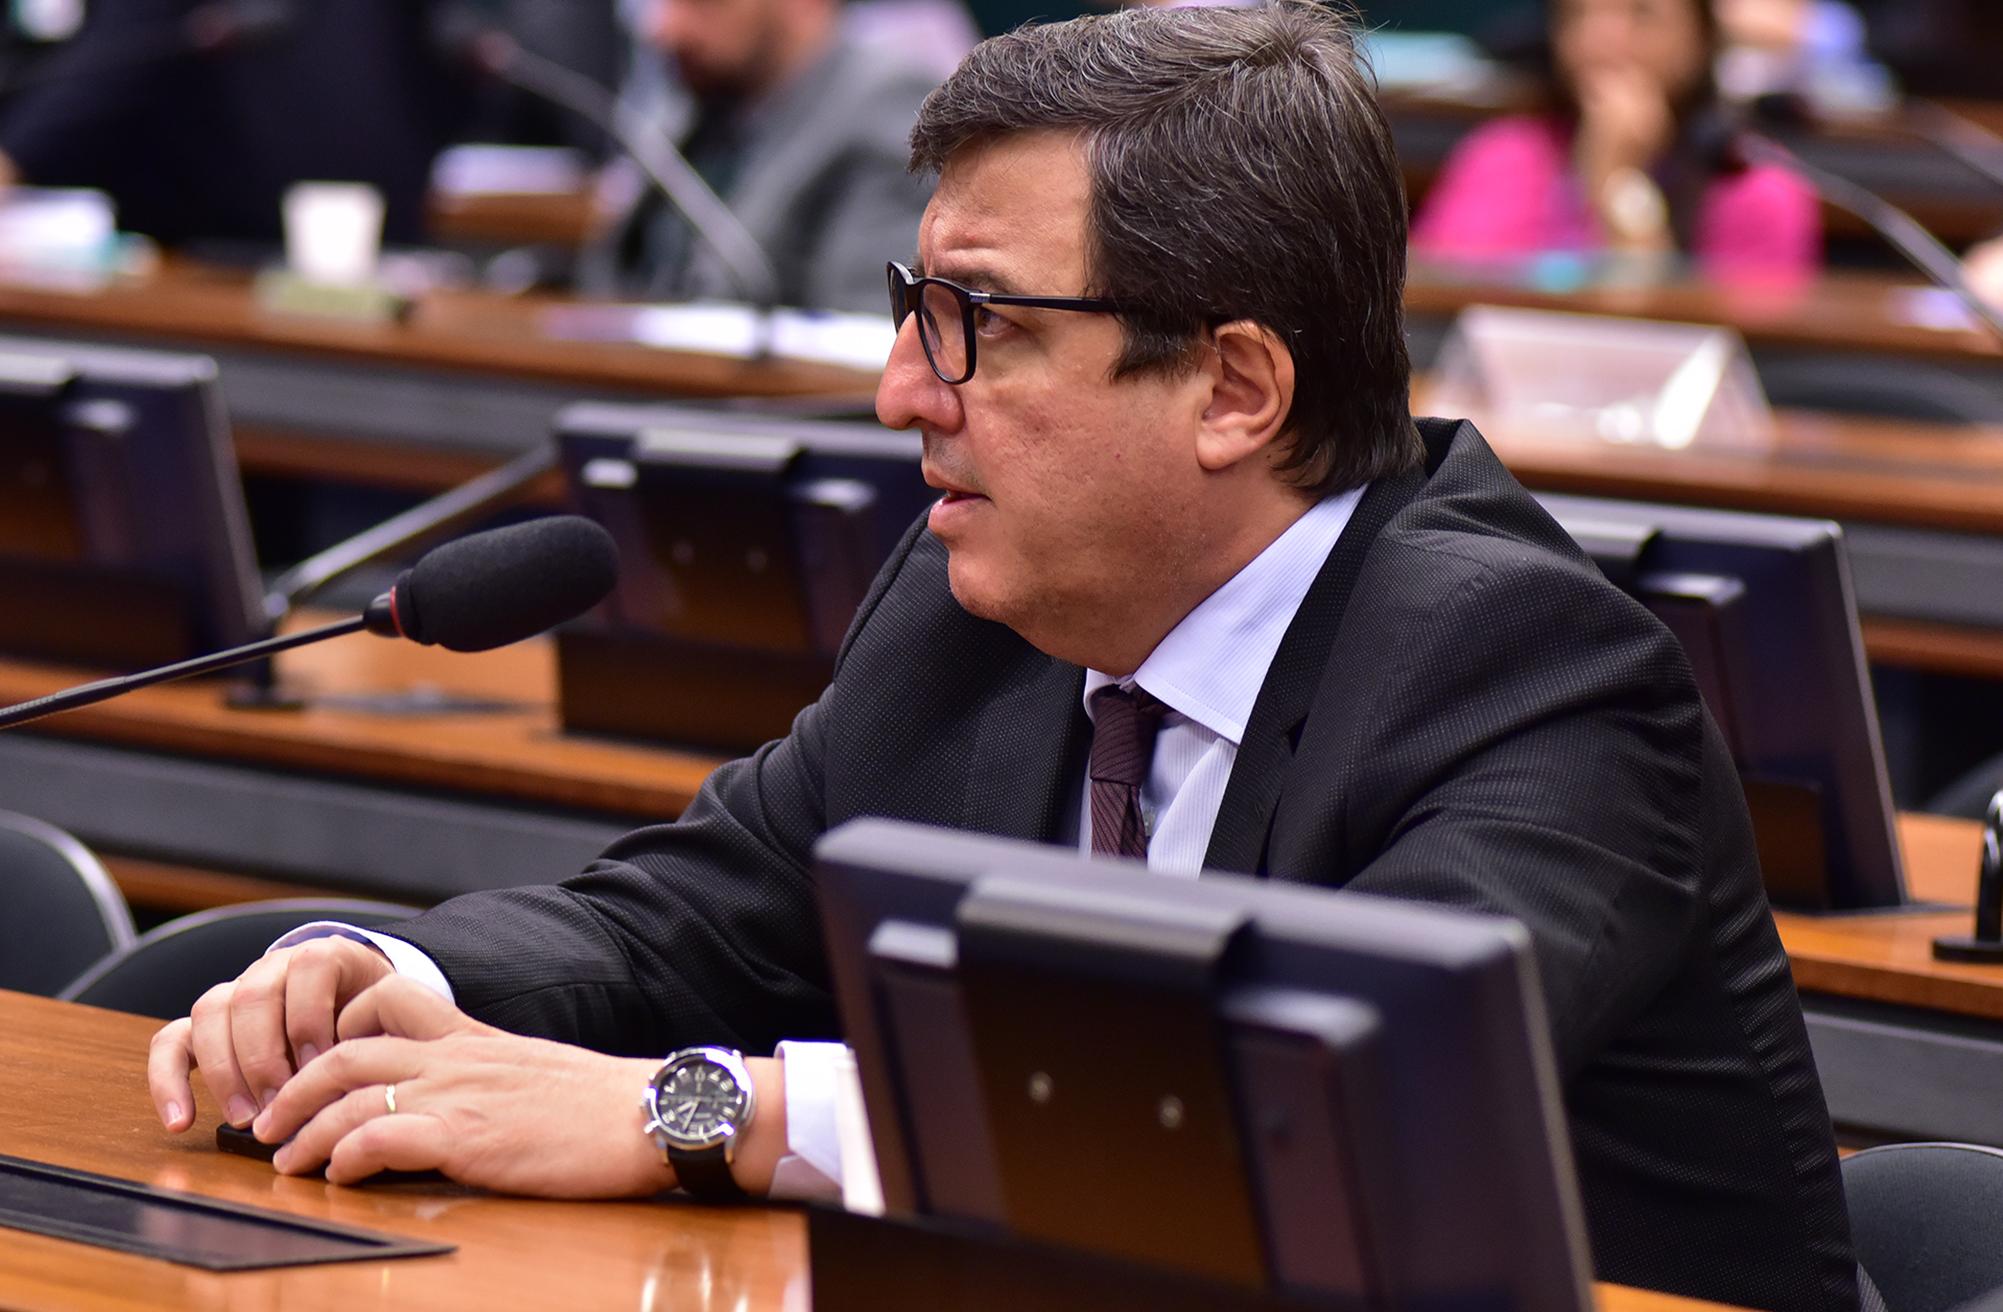 Reunião Extraordinária. Dep. Danilo Forte (PMDB-CE)